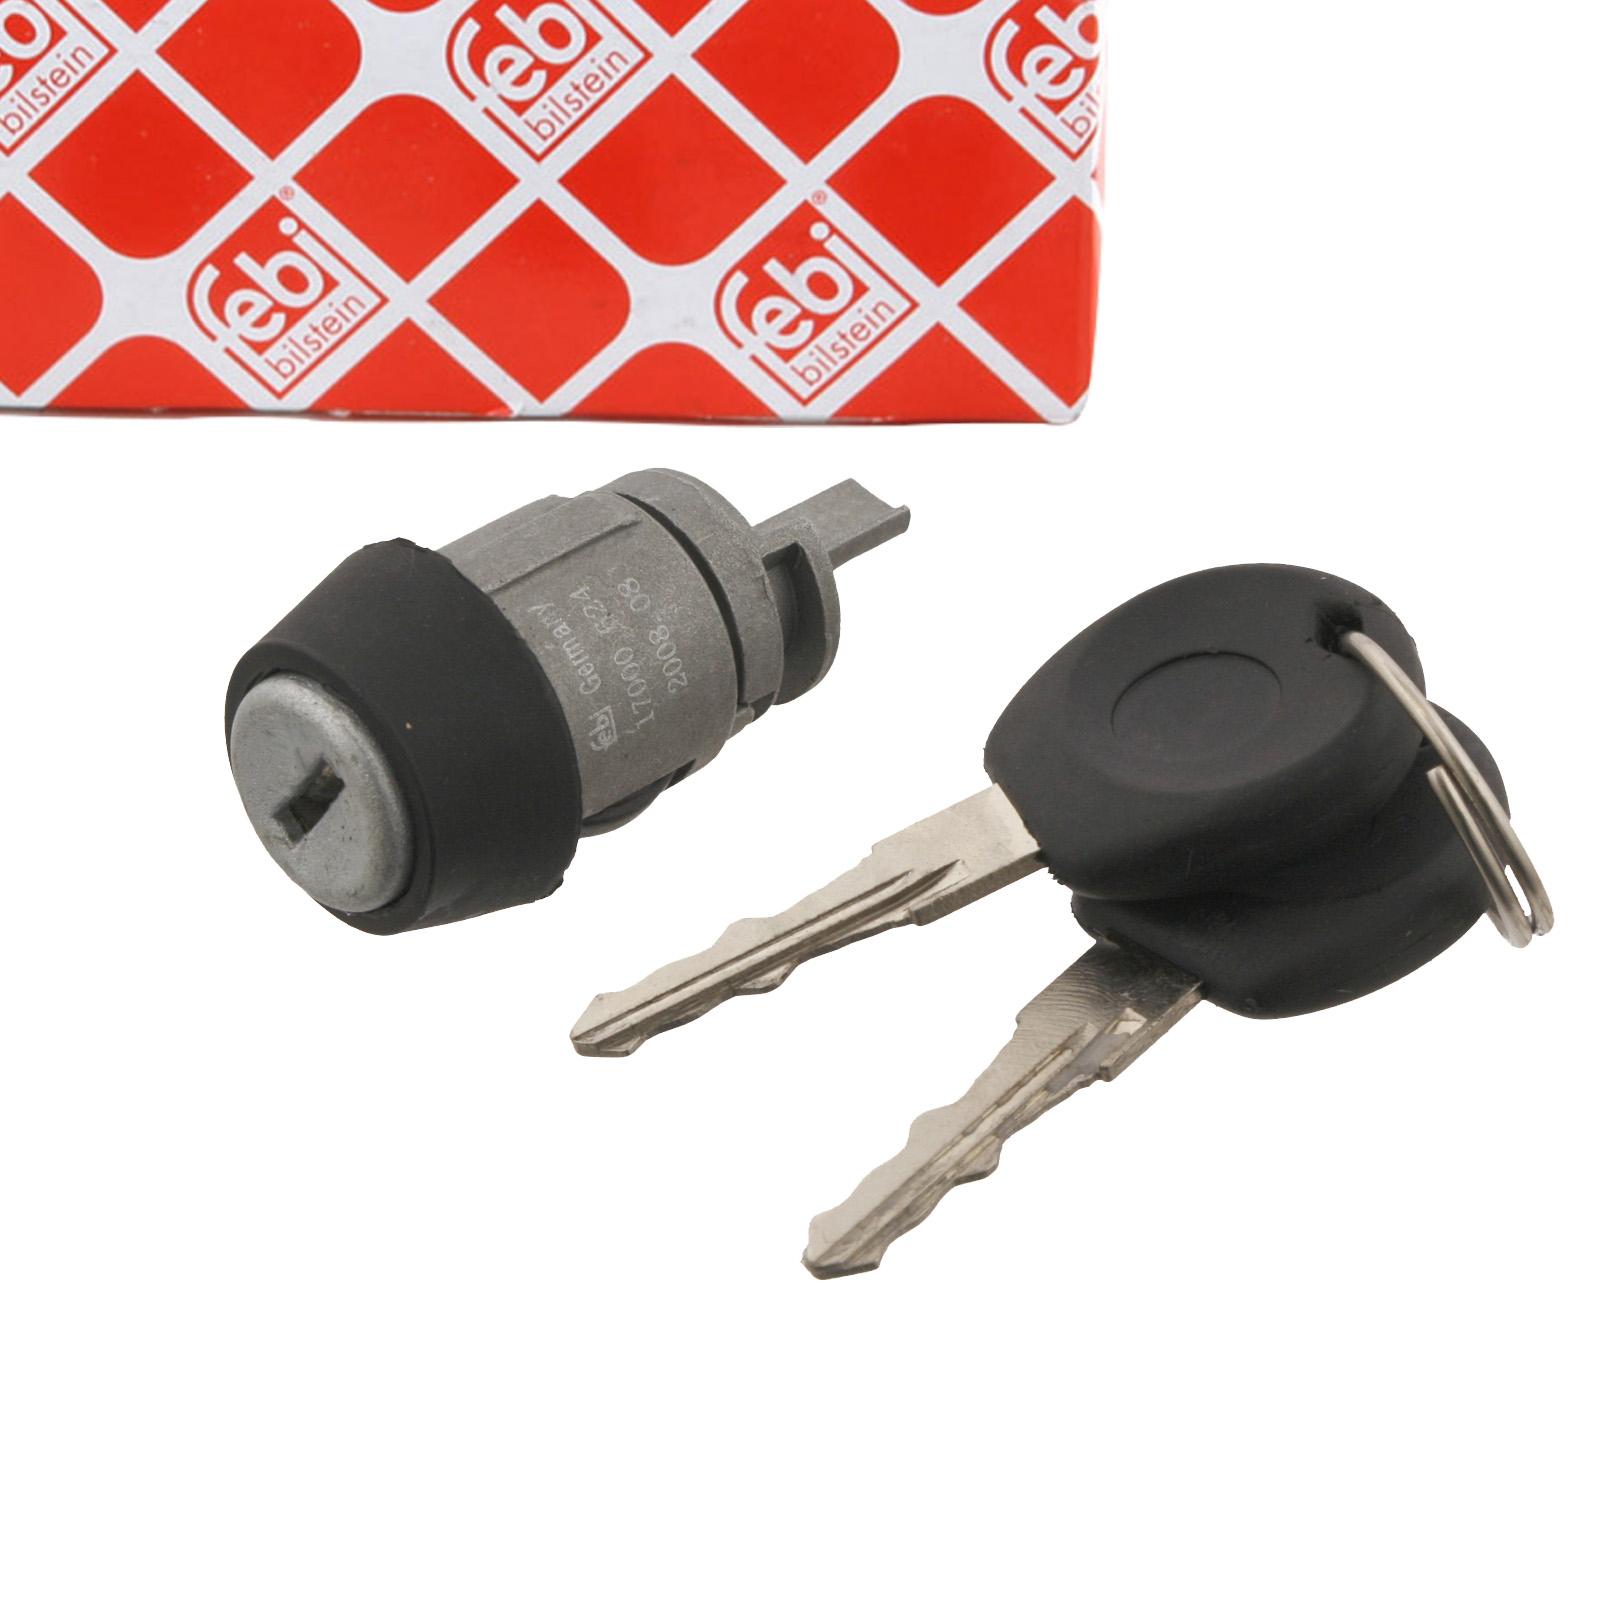 FEBI 17000 Zündschloss + 2 Schlüssel VW Golf 2 3 Jetta Passat Polo 86c Vento